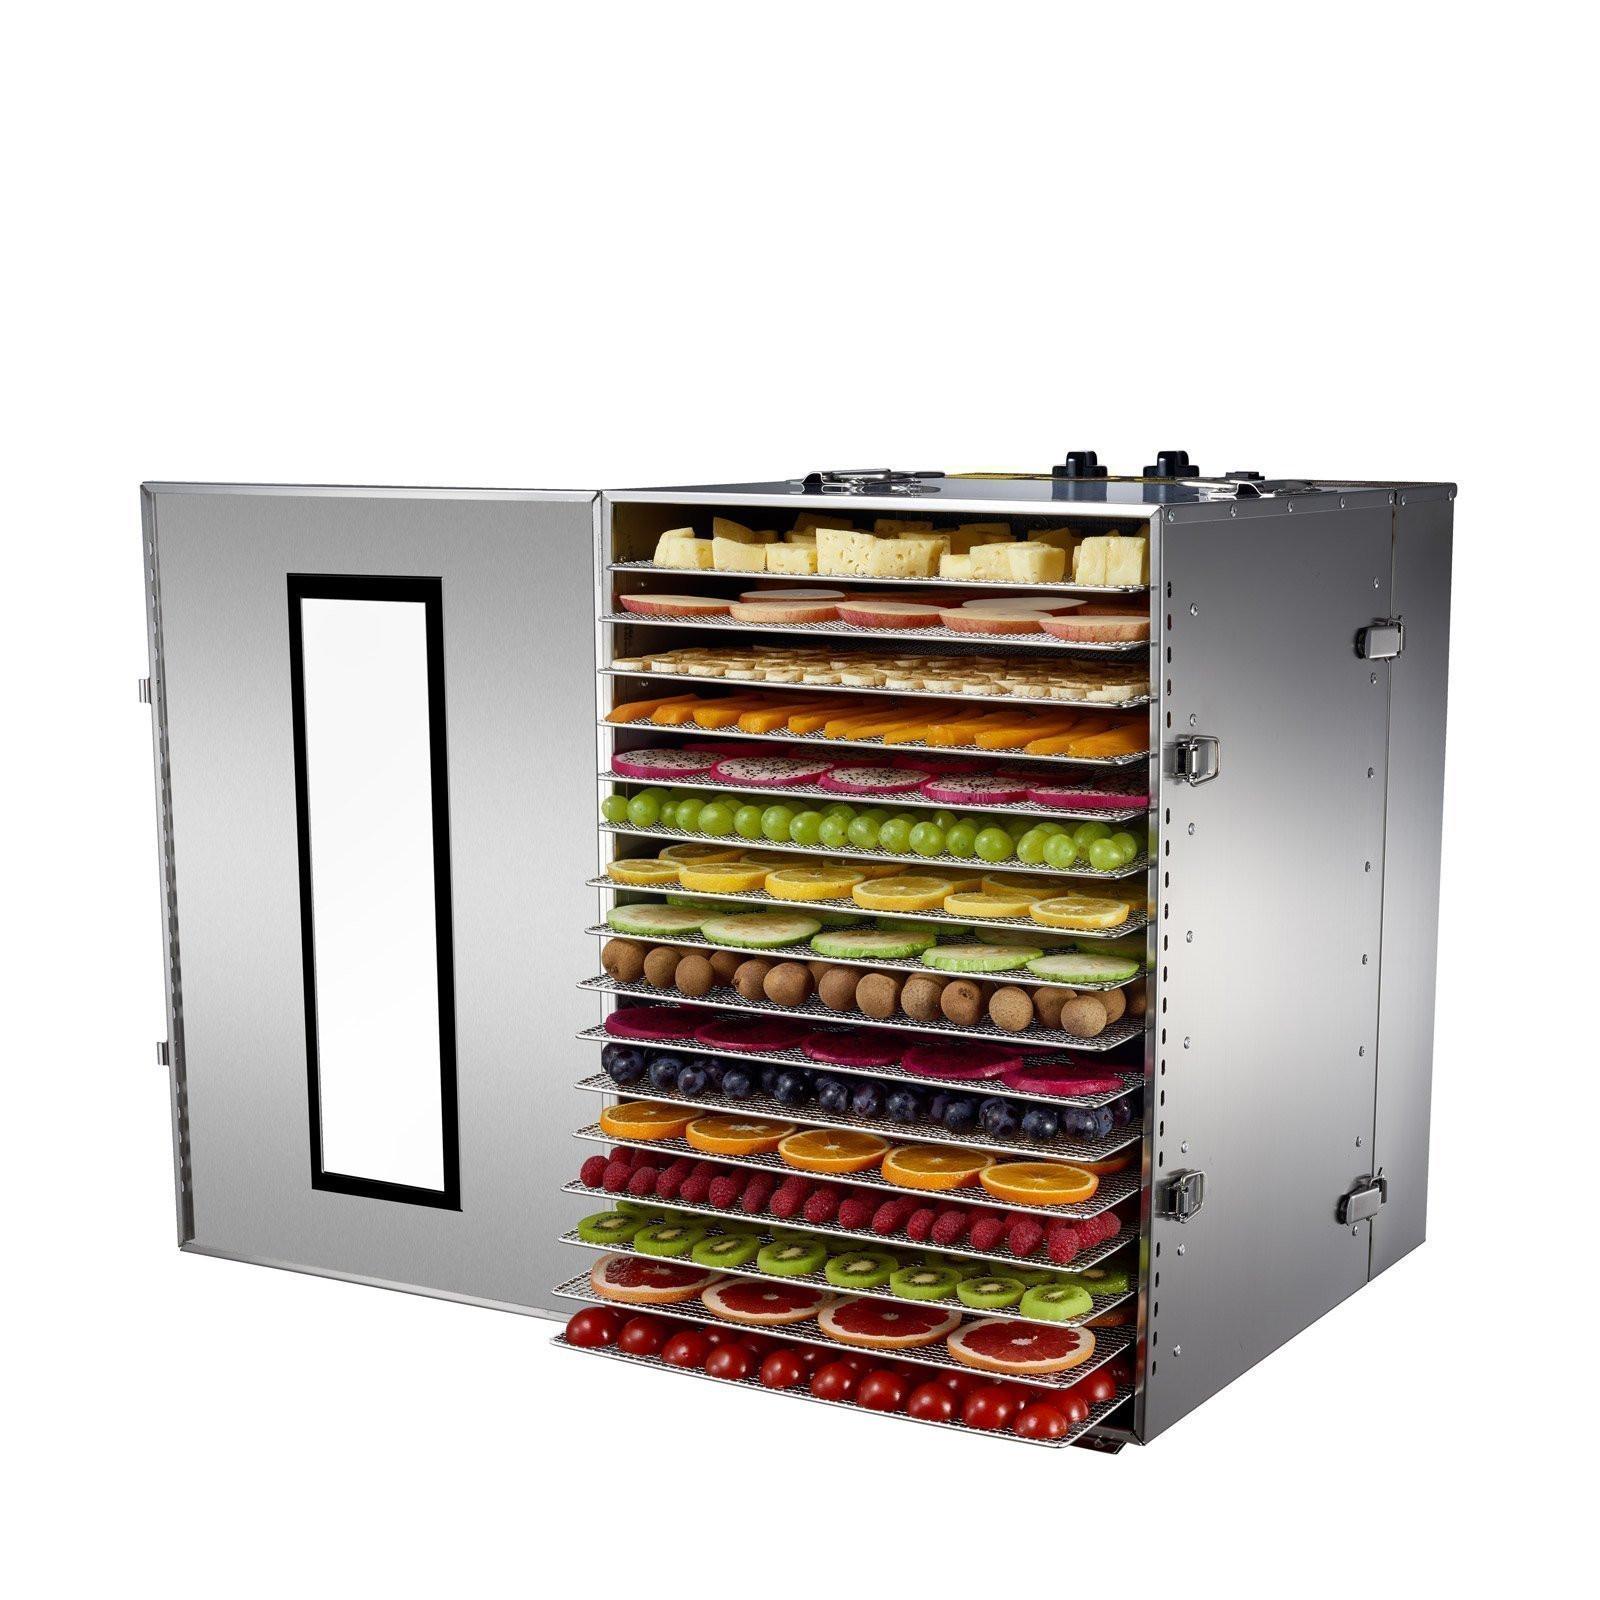 BioChef Premium 16 Tray Commercial Food Dehydrator Food